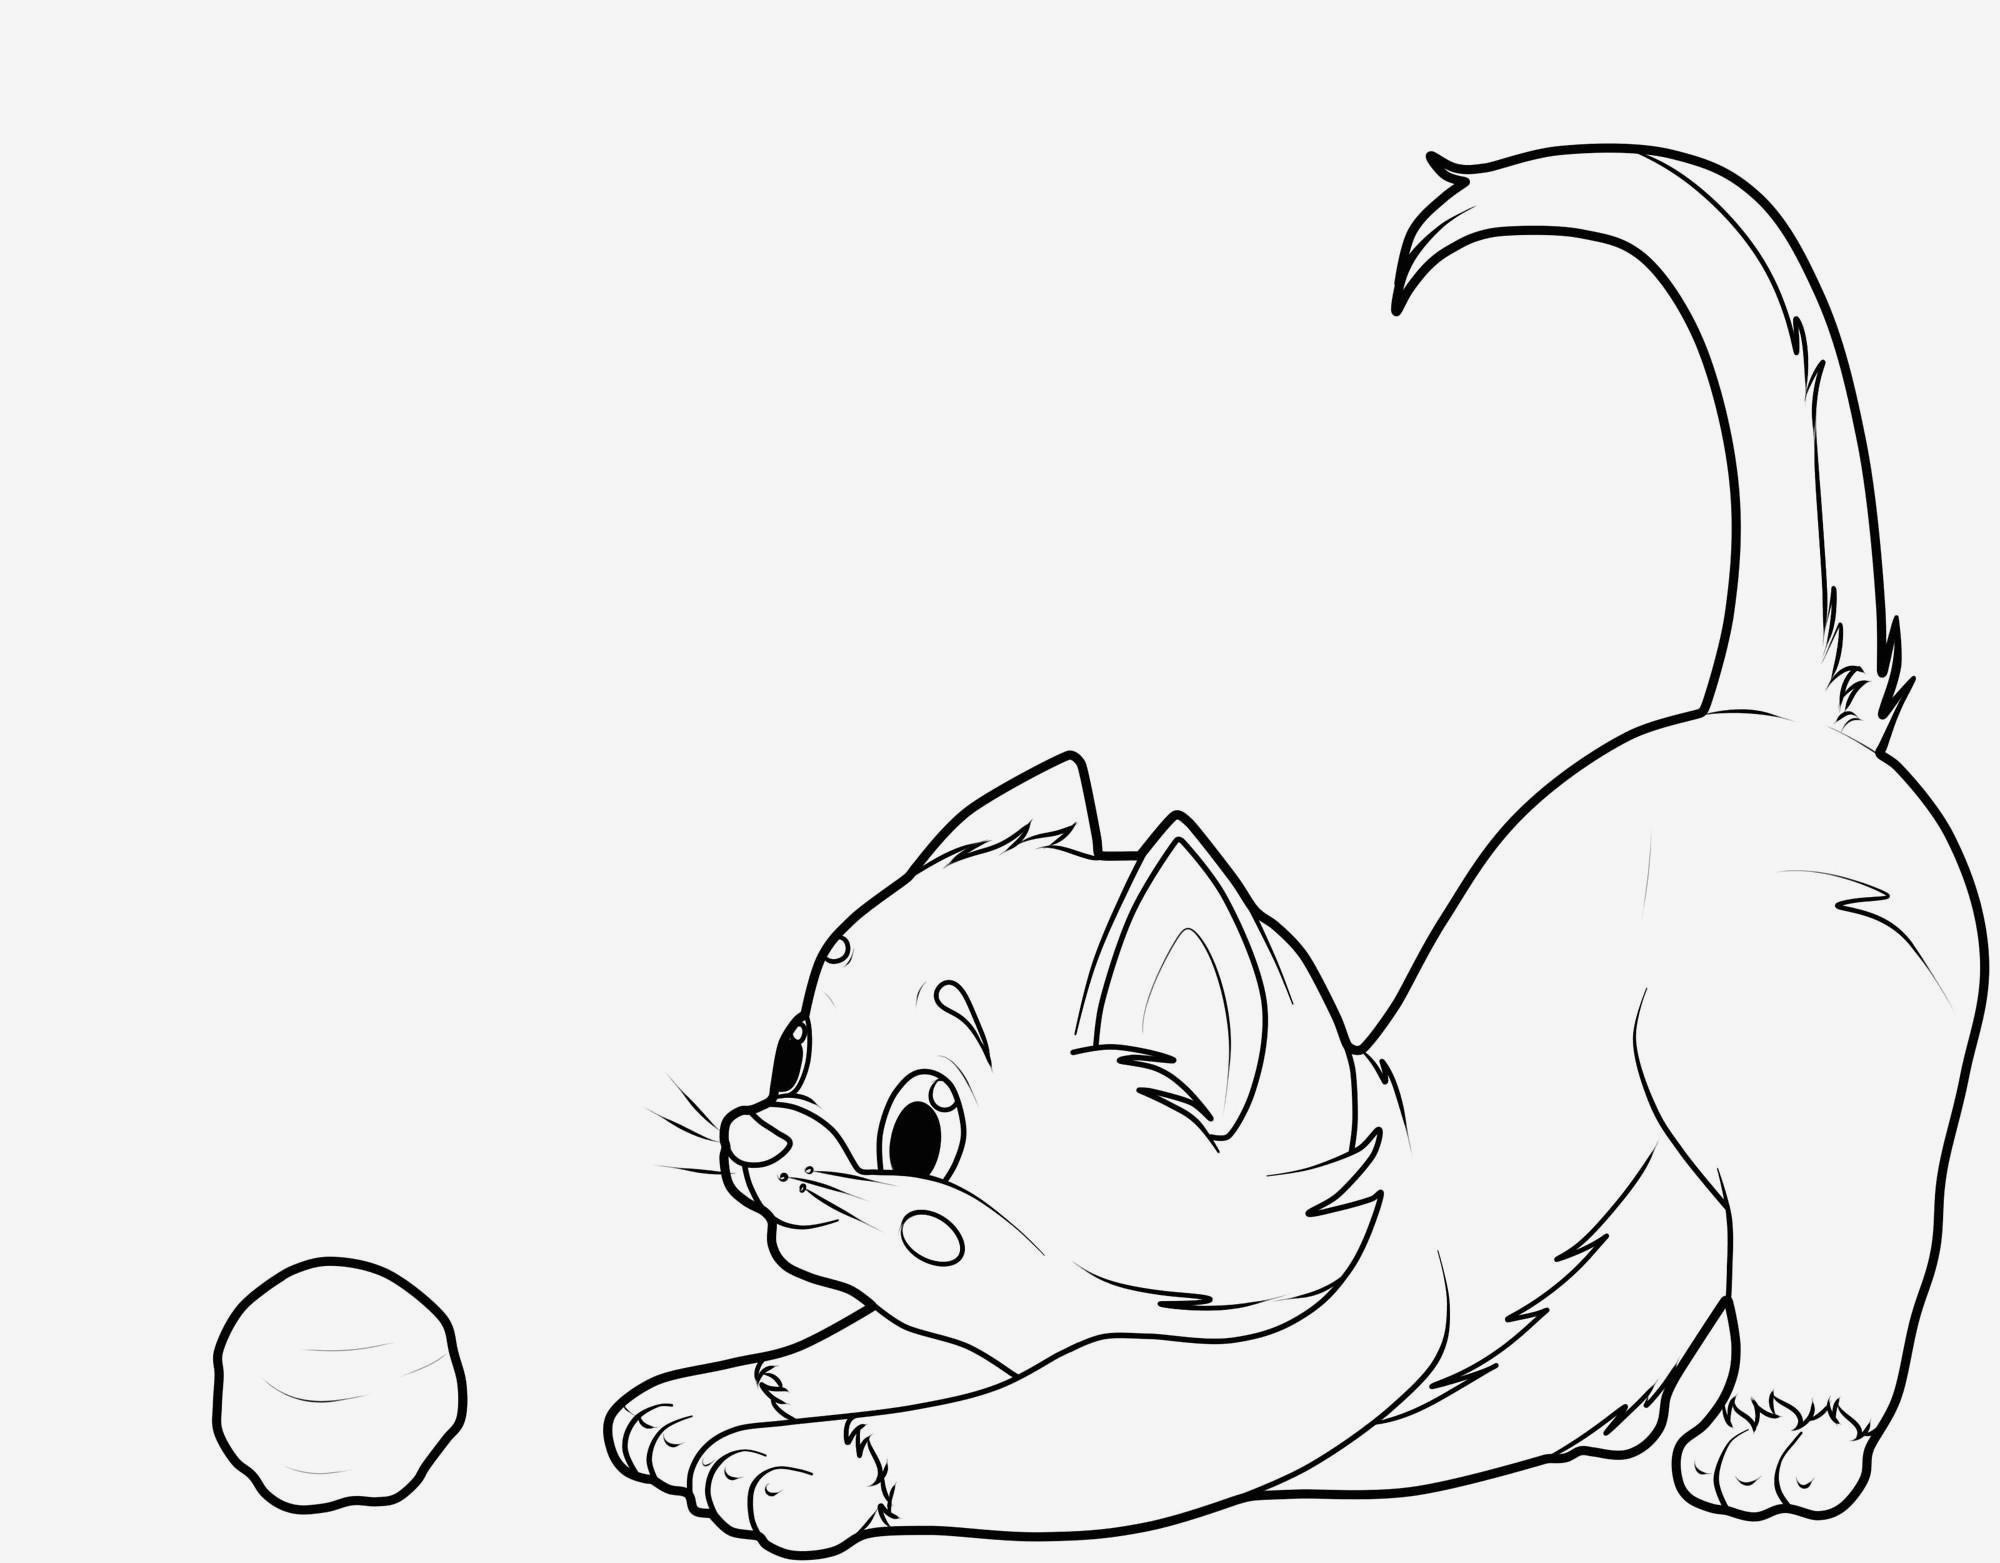 Katzen Bilder Zum Ausmalen Das Beste Von Eine Sammlung Von Färbung Bilder Malvorlagen Katzen Fotografieren